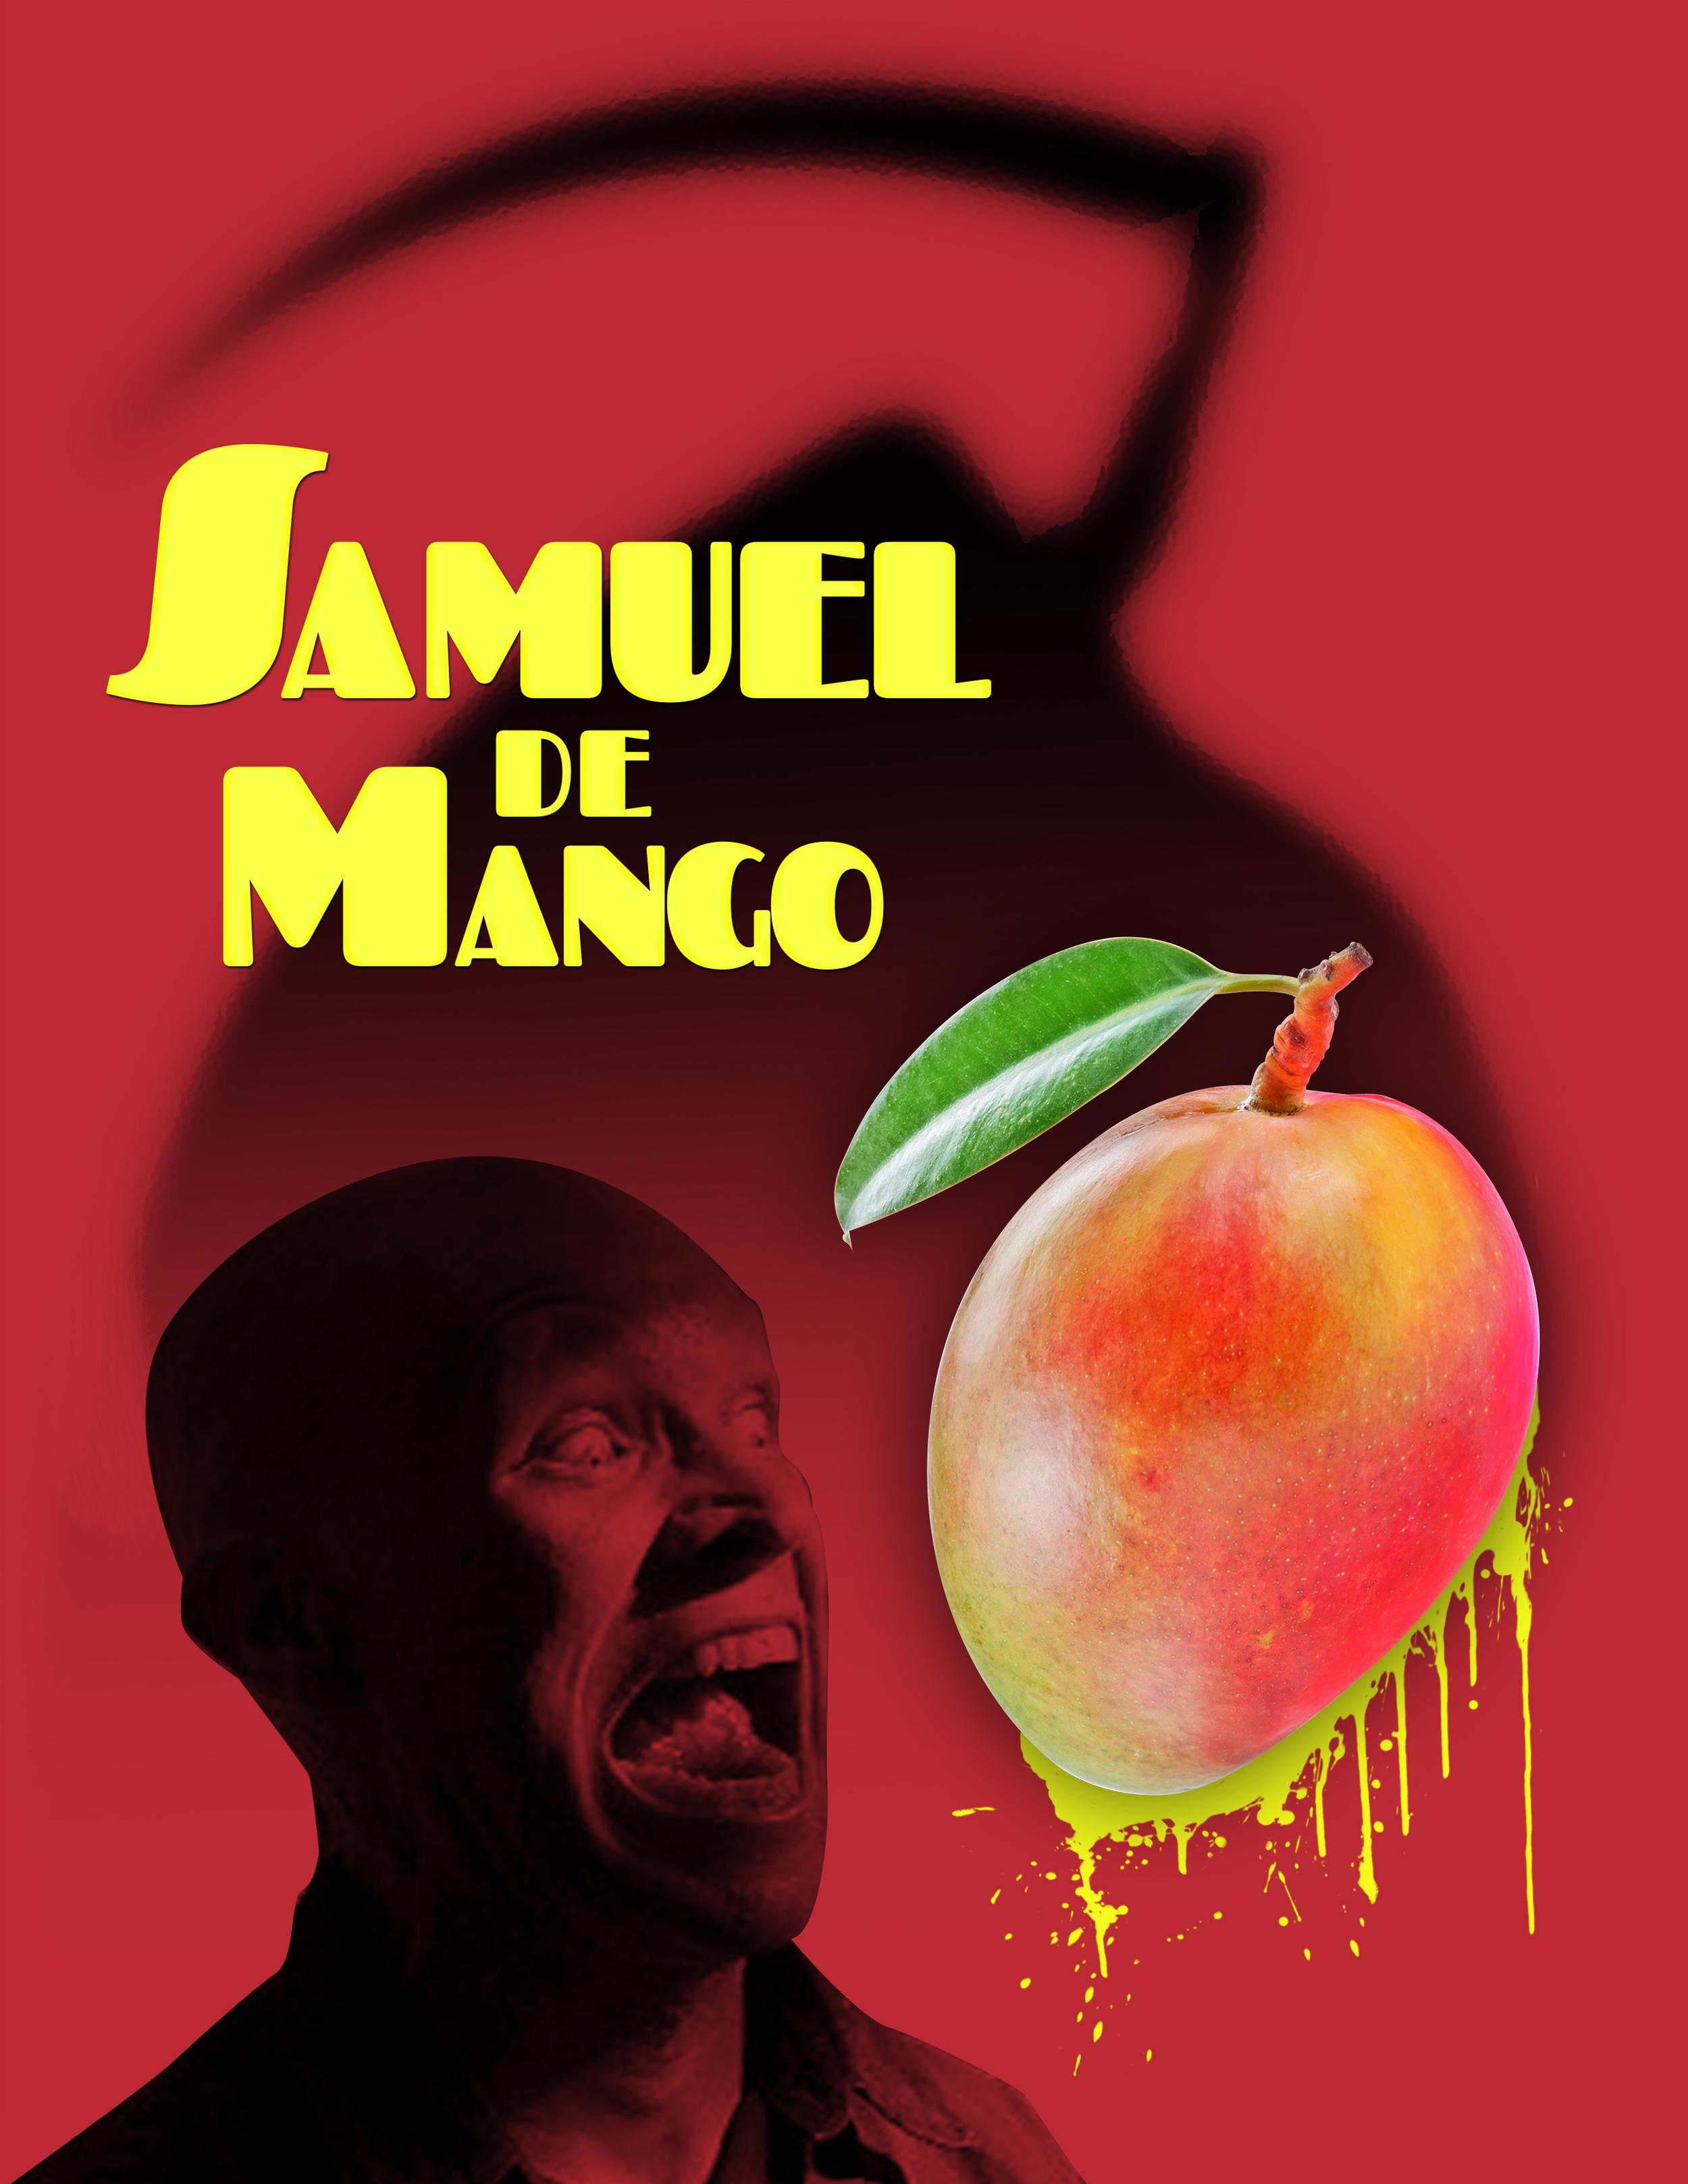 Samuel de Mango Movie Poster